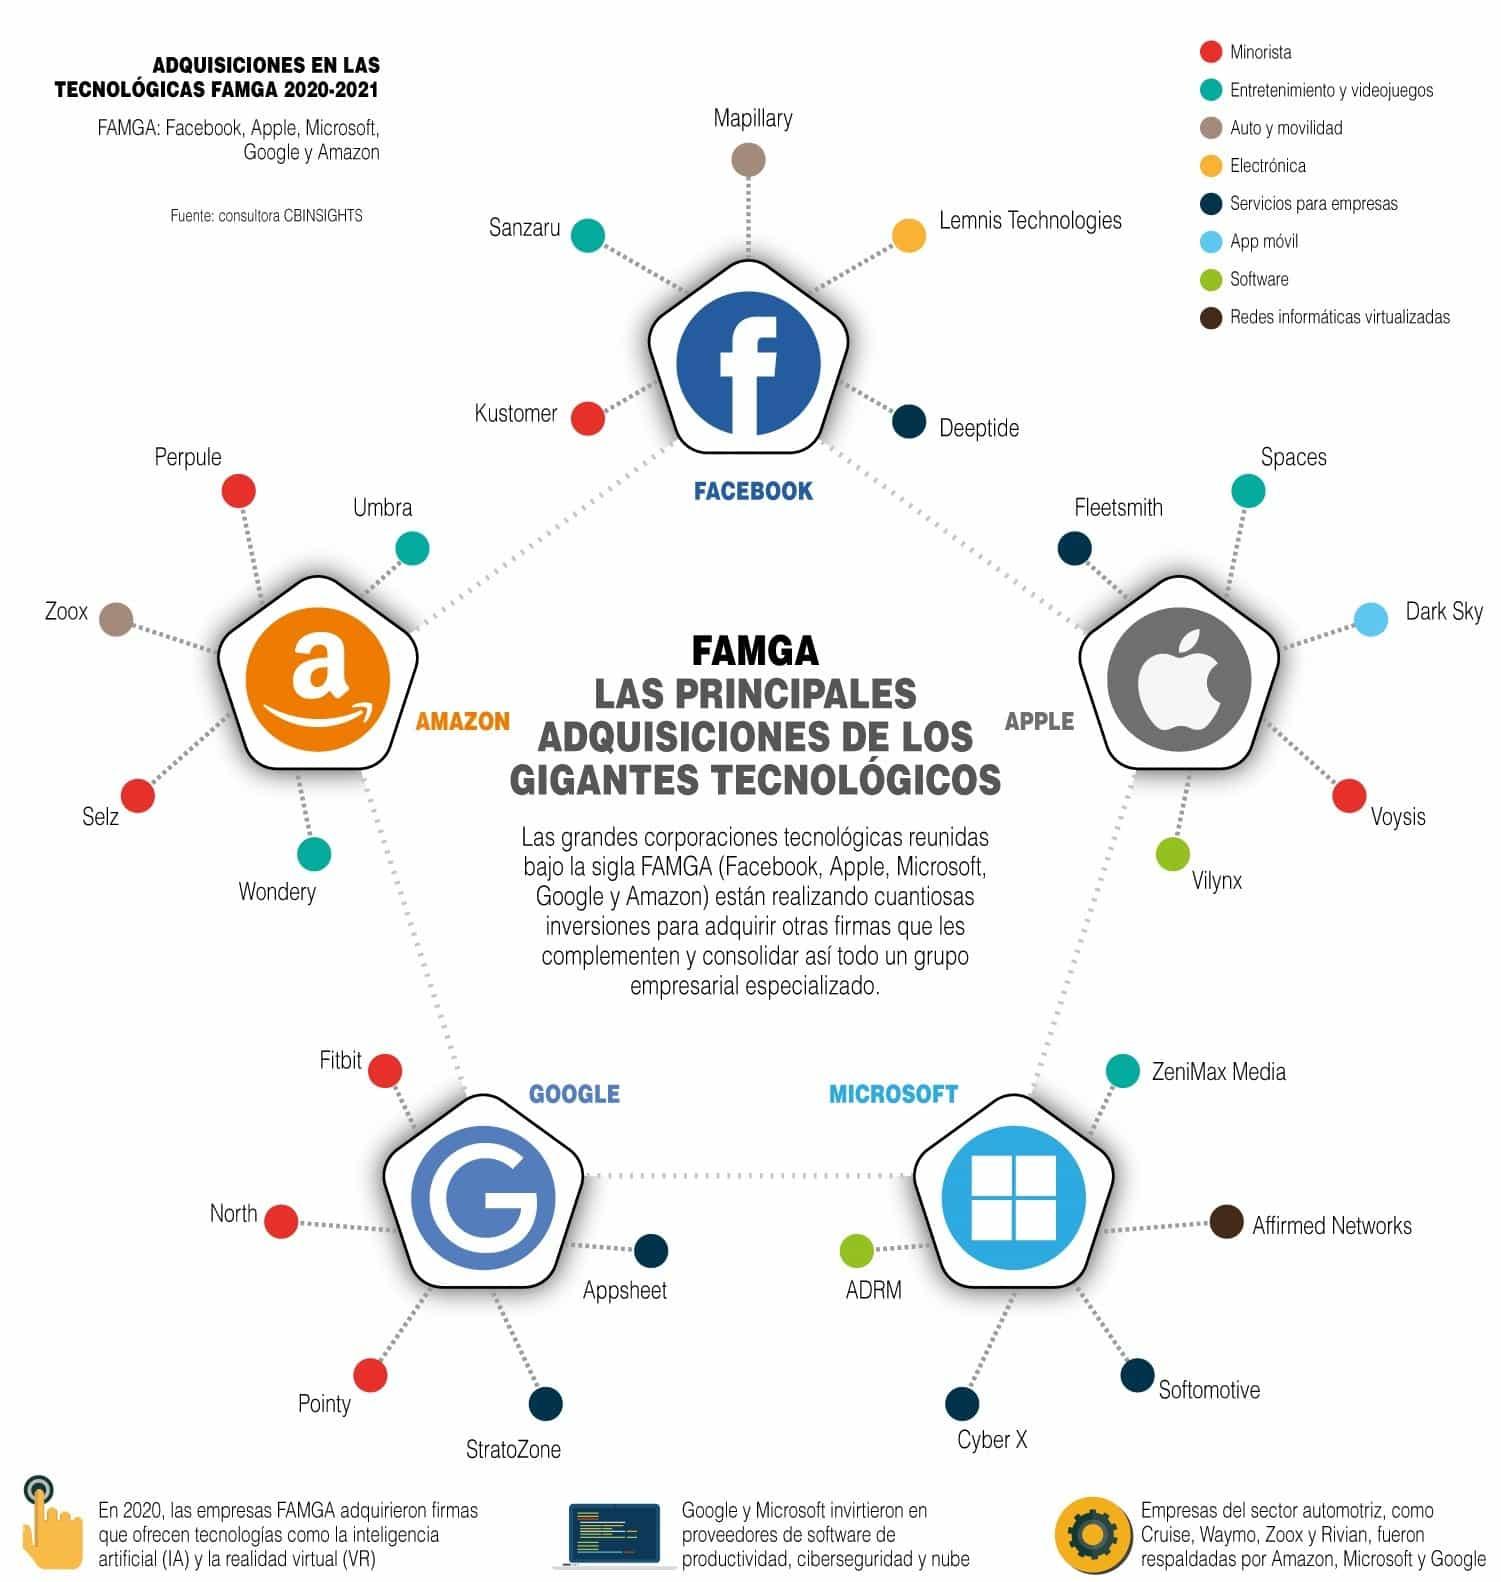 [Infografía] - Las principales adquisiciones de los gigantes tecnológicos 1